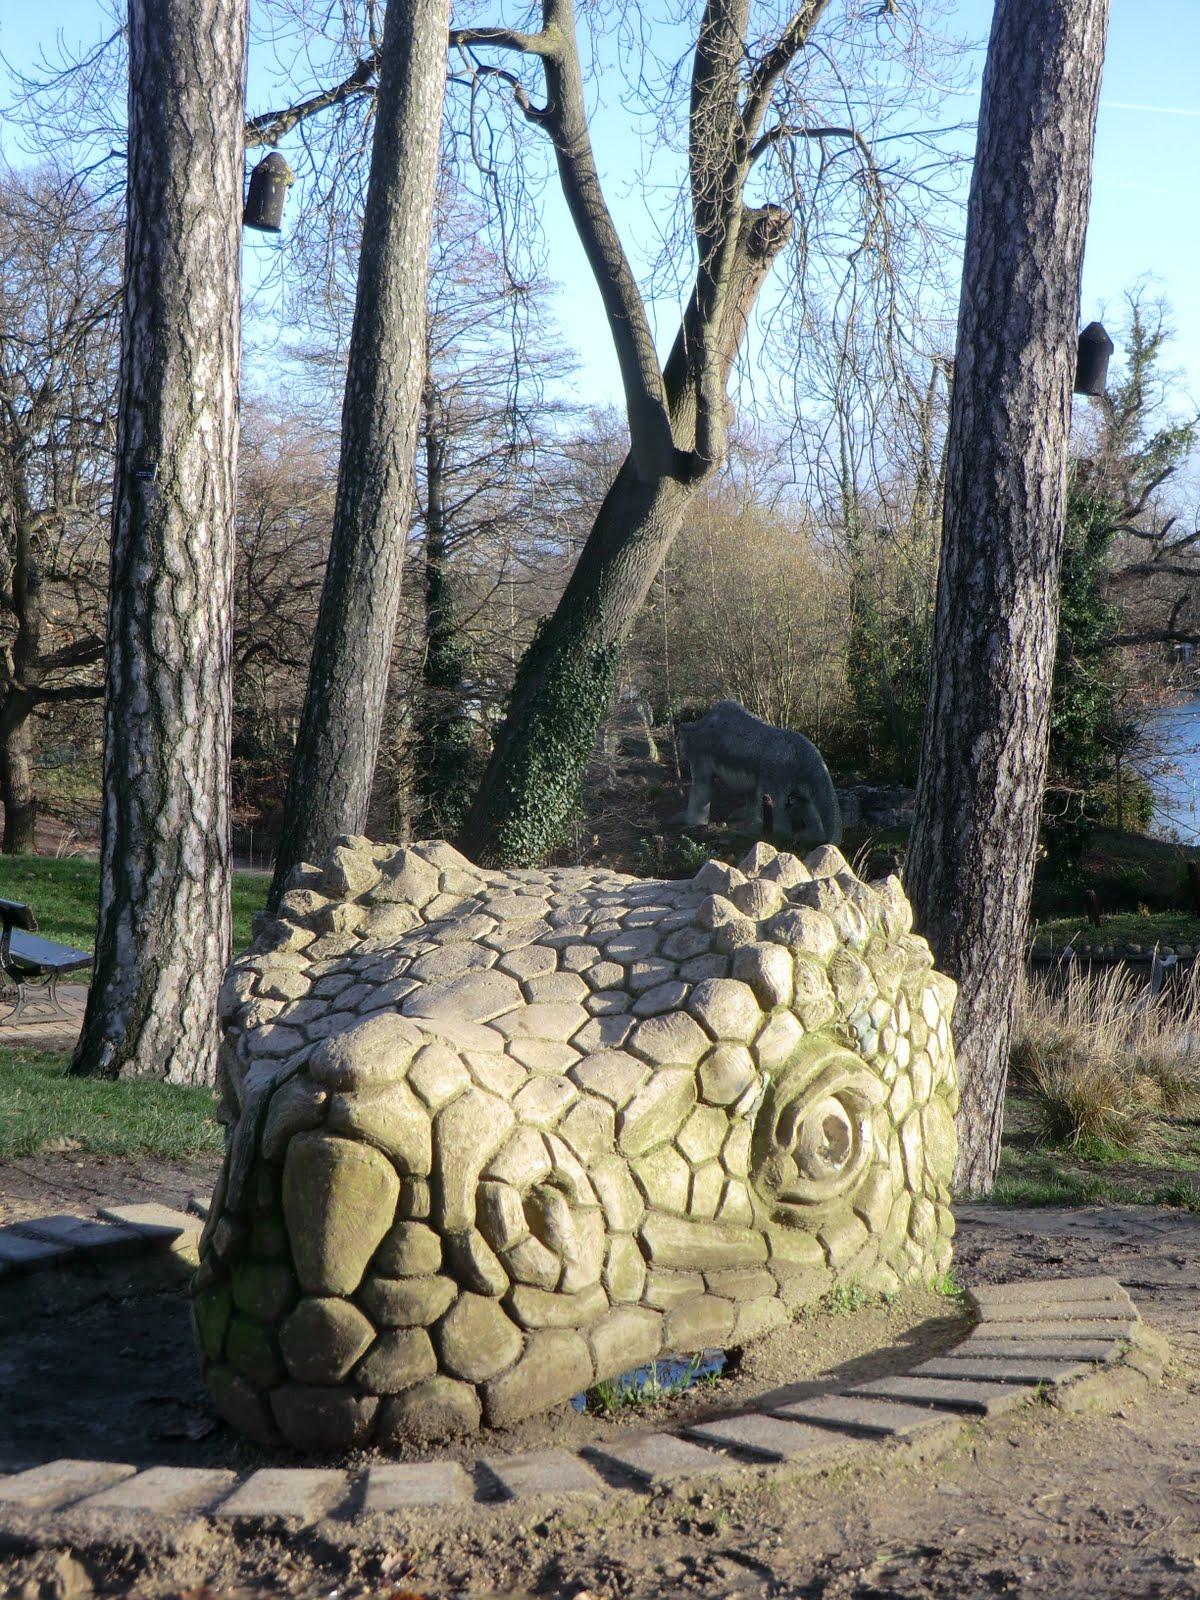 CIMG6344 Dinosaur head, Crystal Palace Park